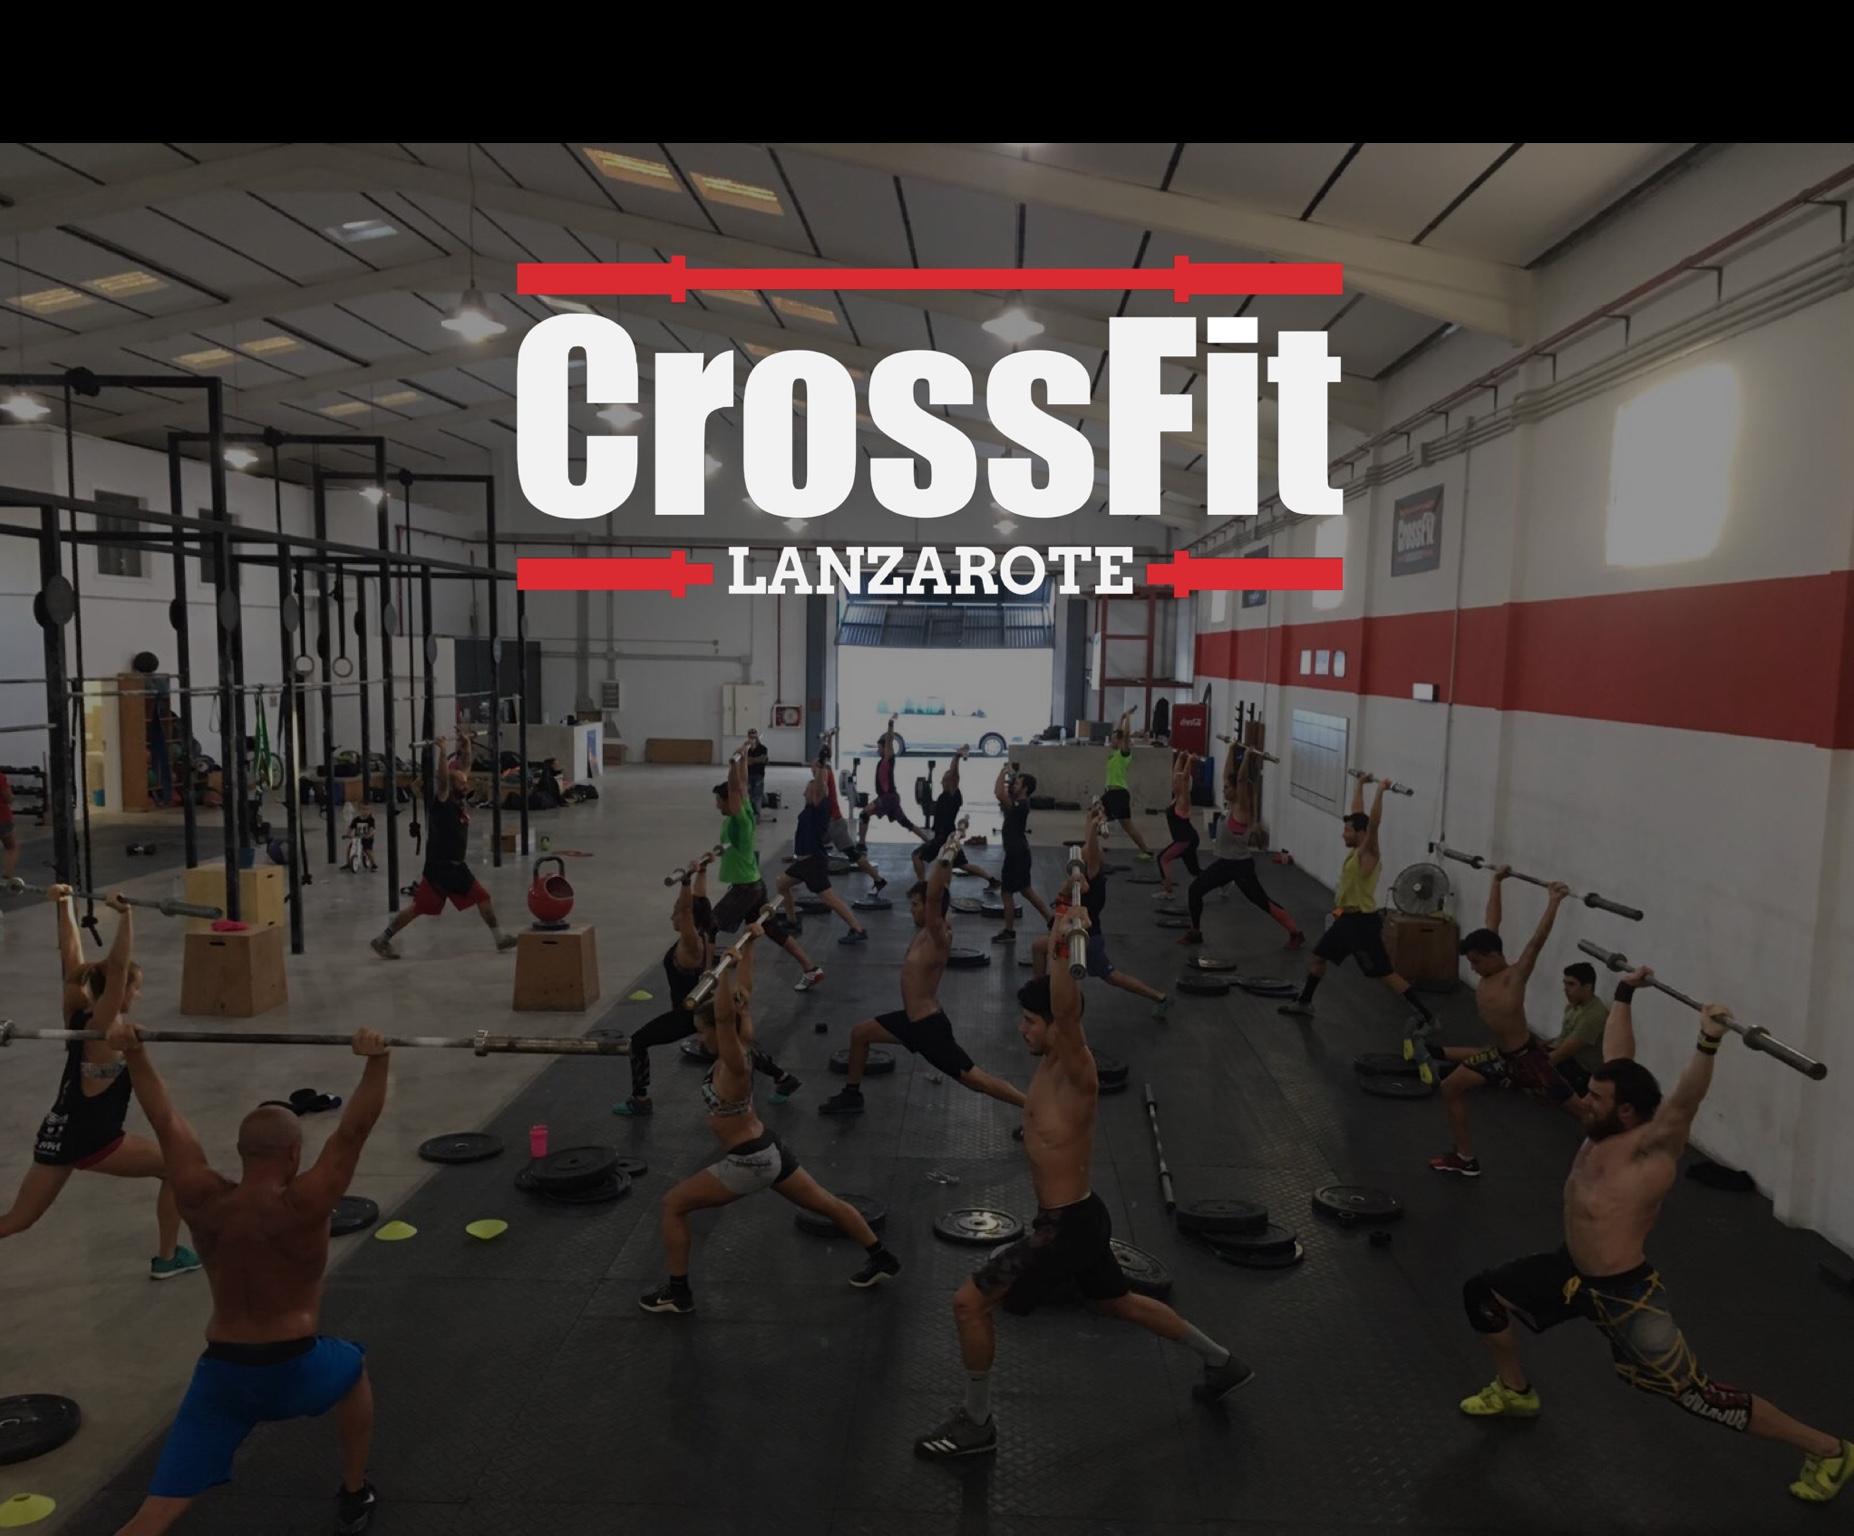 CrossFit Lanzarote